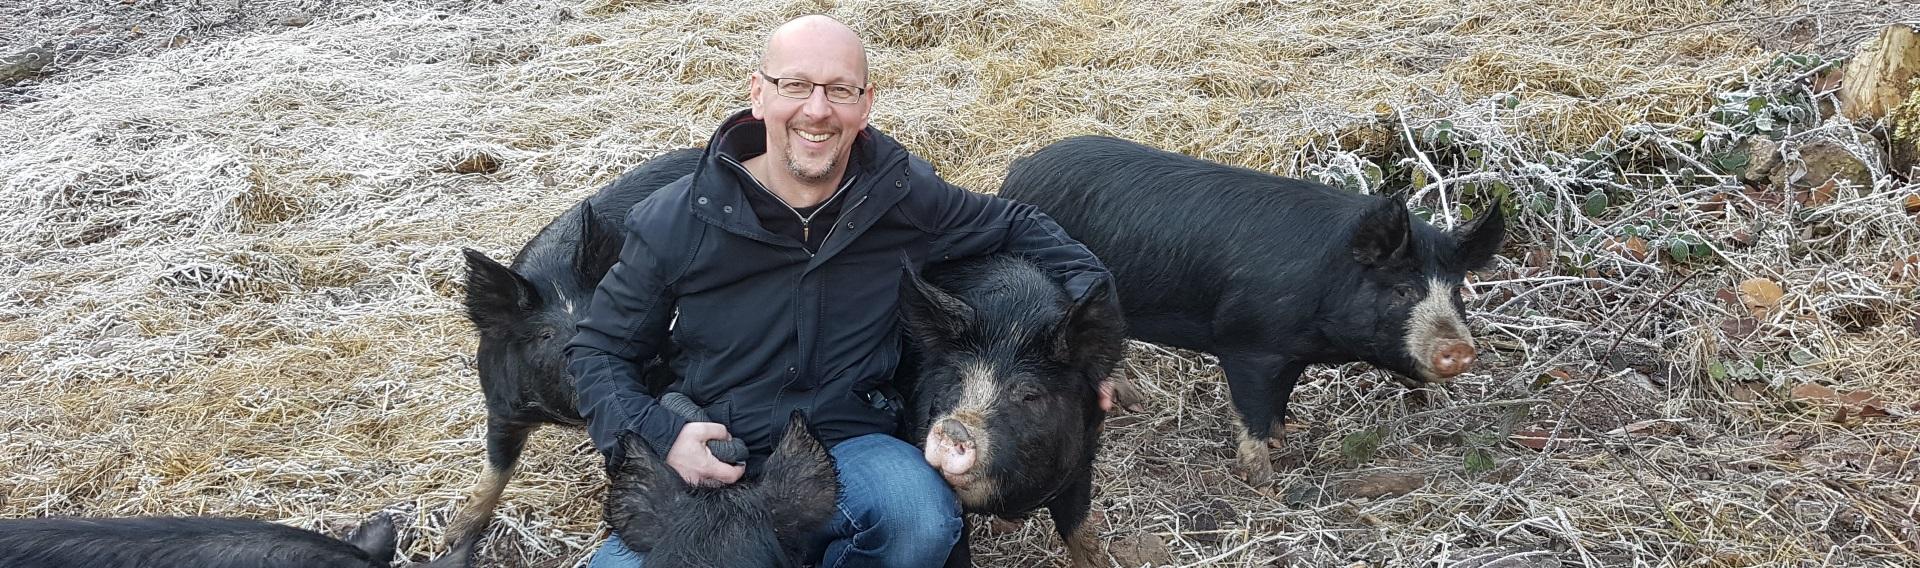 Meine Patenschaft für ein Berkshire-Schwein